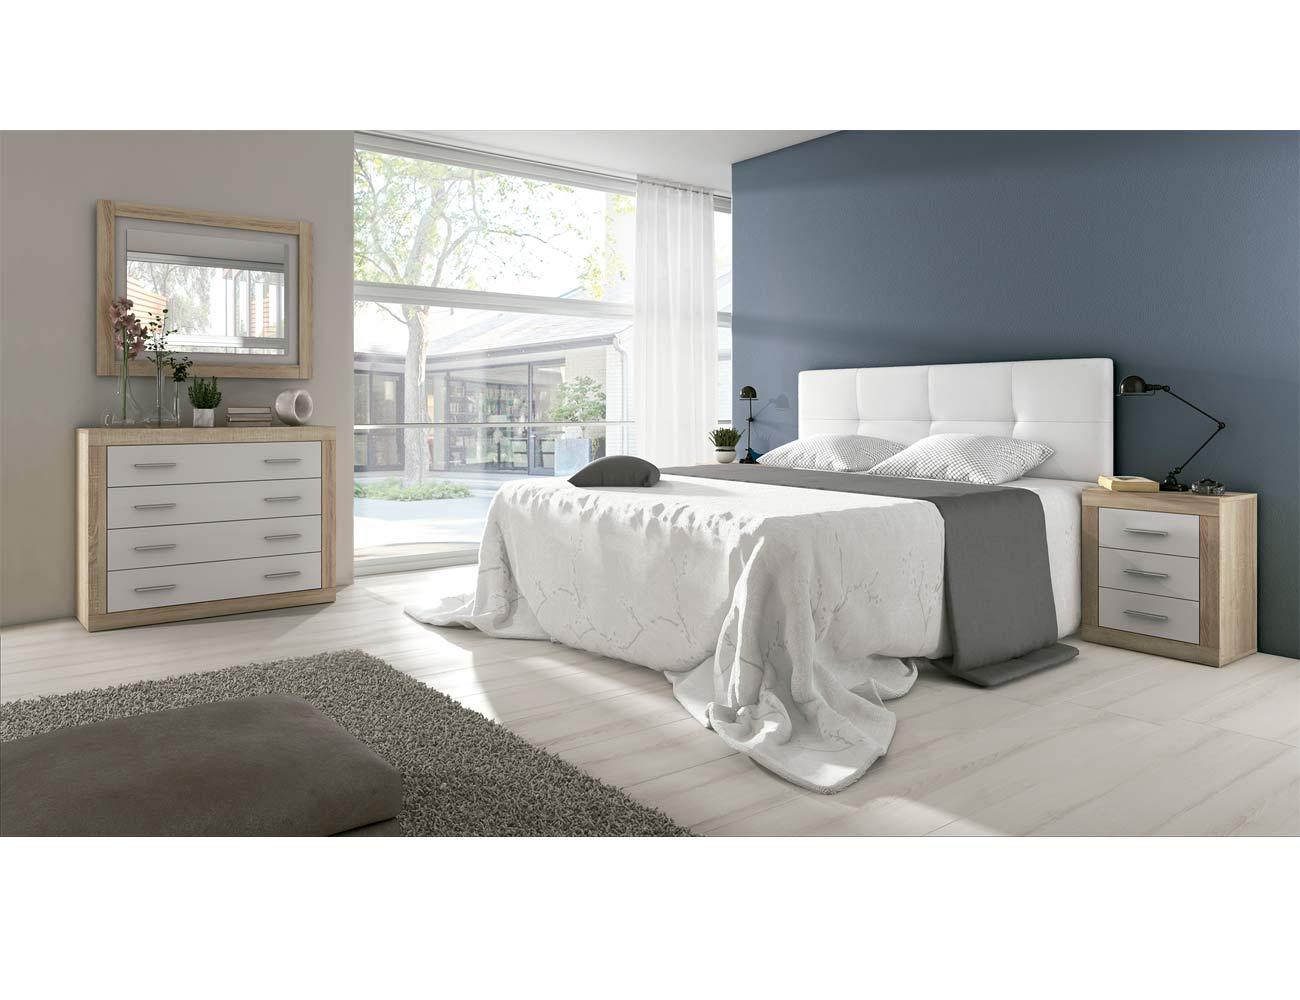 Dormitorio de matrimonio moderno con cabecero en polipiel for Comoda matrimonio